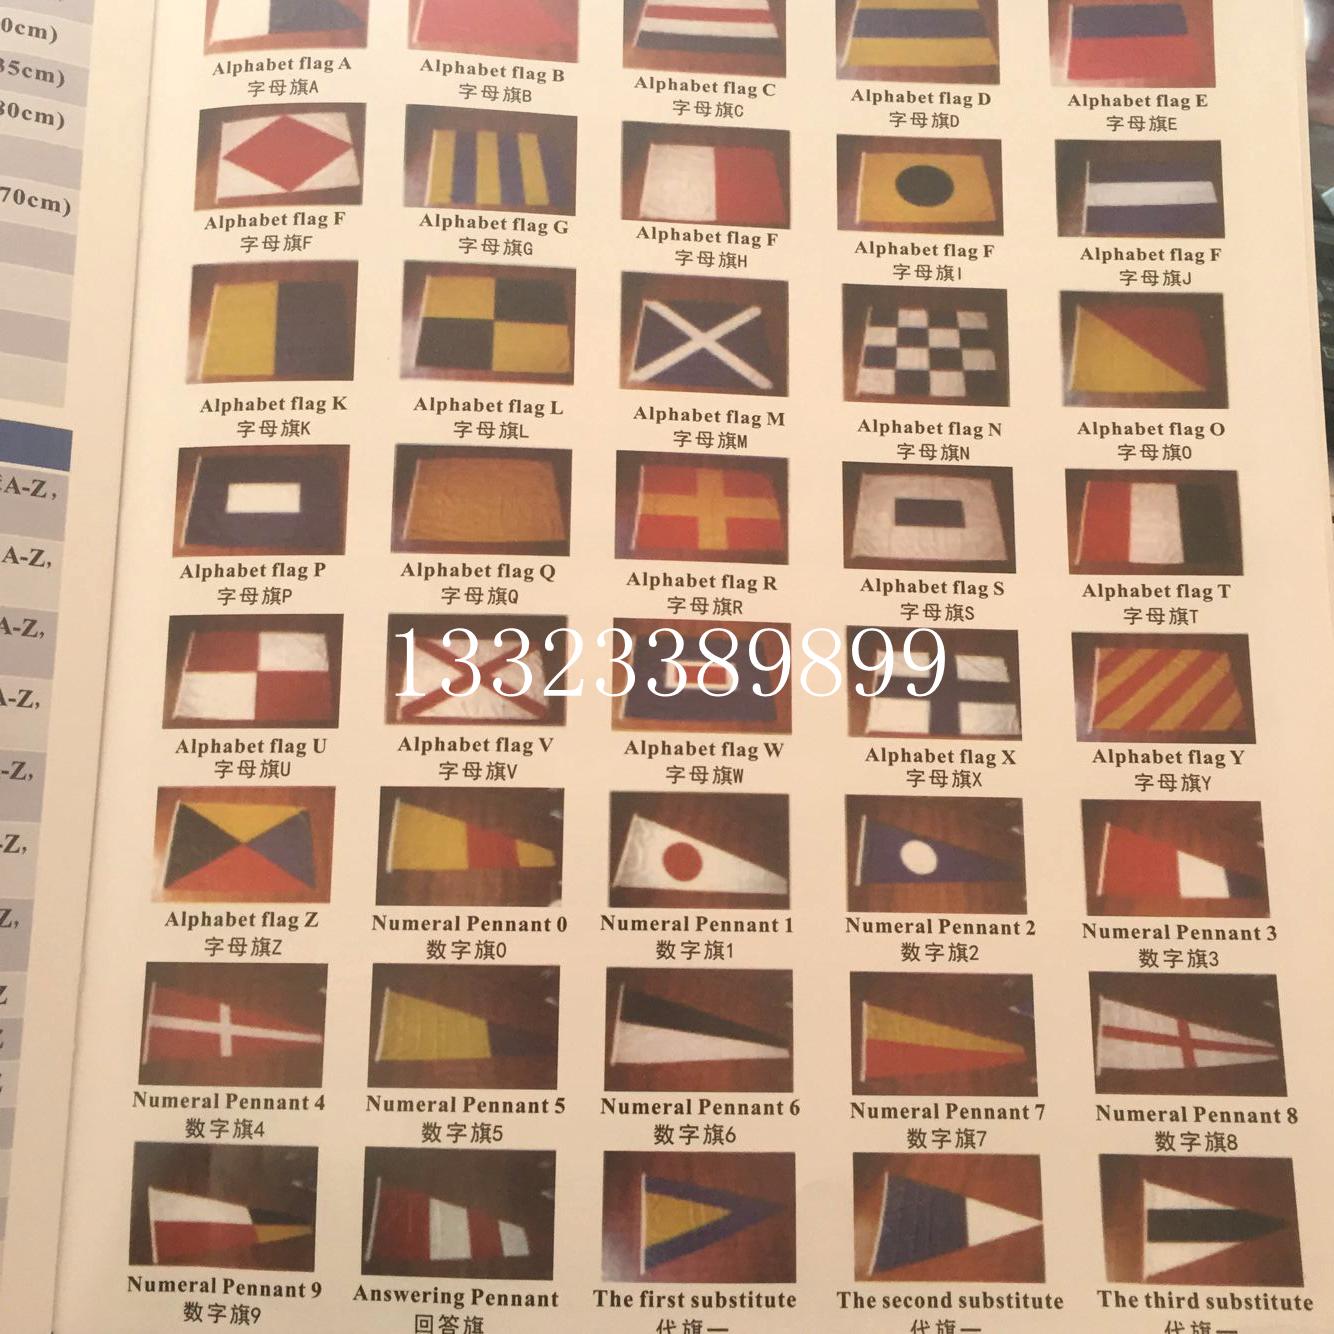 船用航海4号国际通语信号旗 40面/套手旗 40X50字母旗 4#讯号旗等